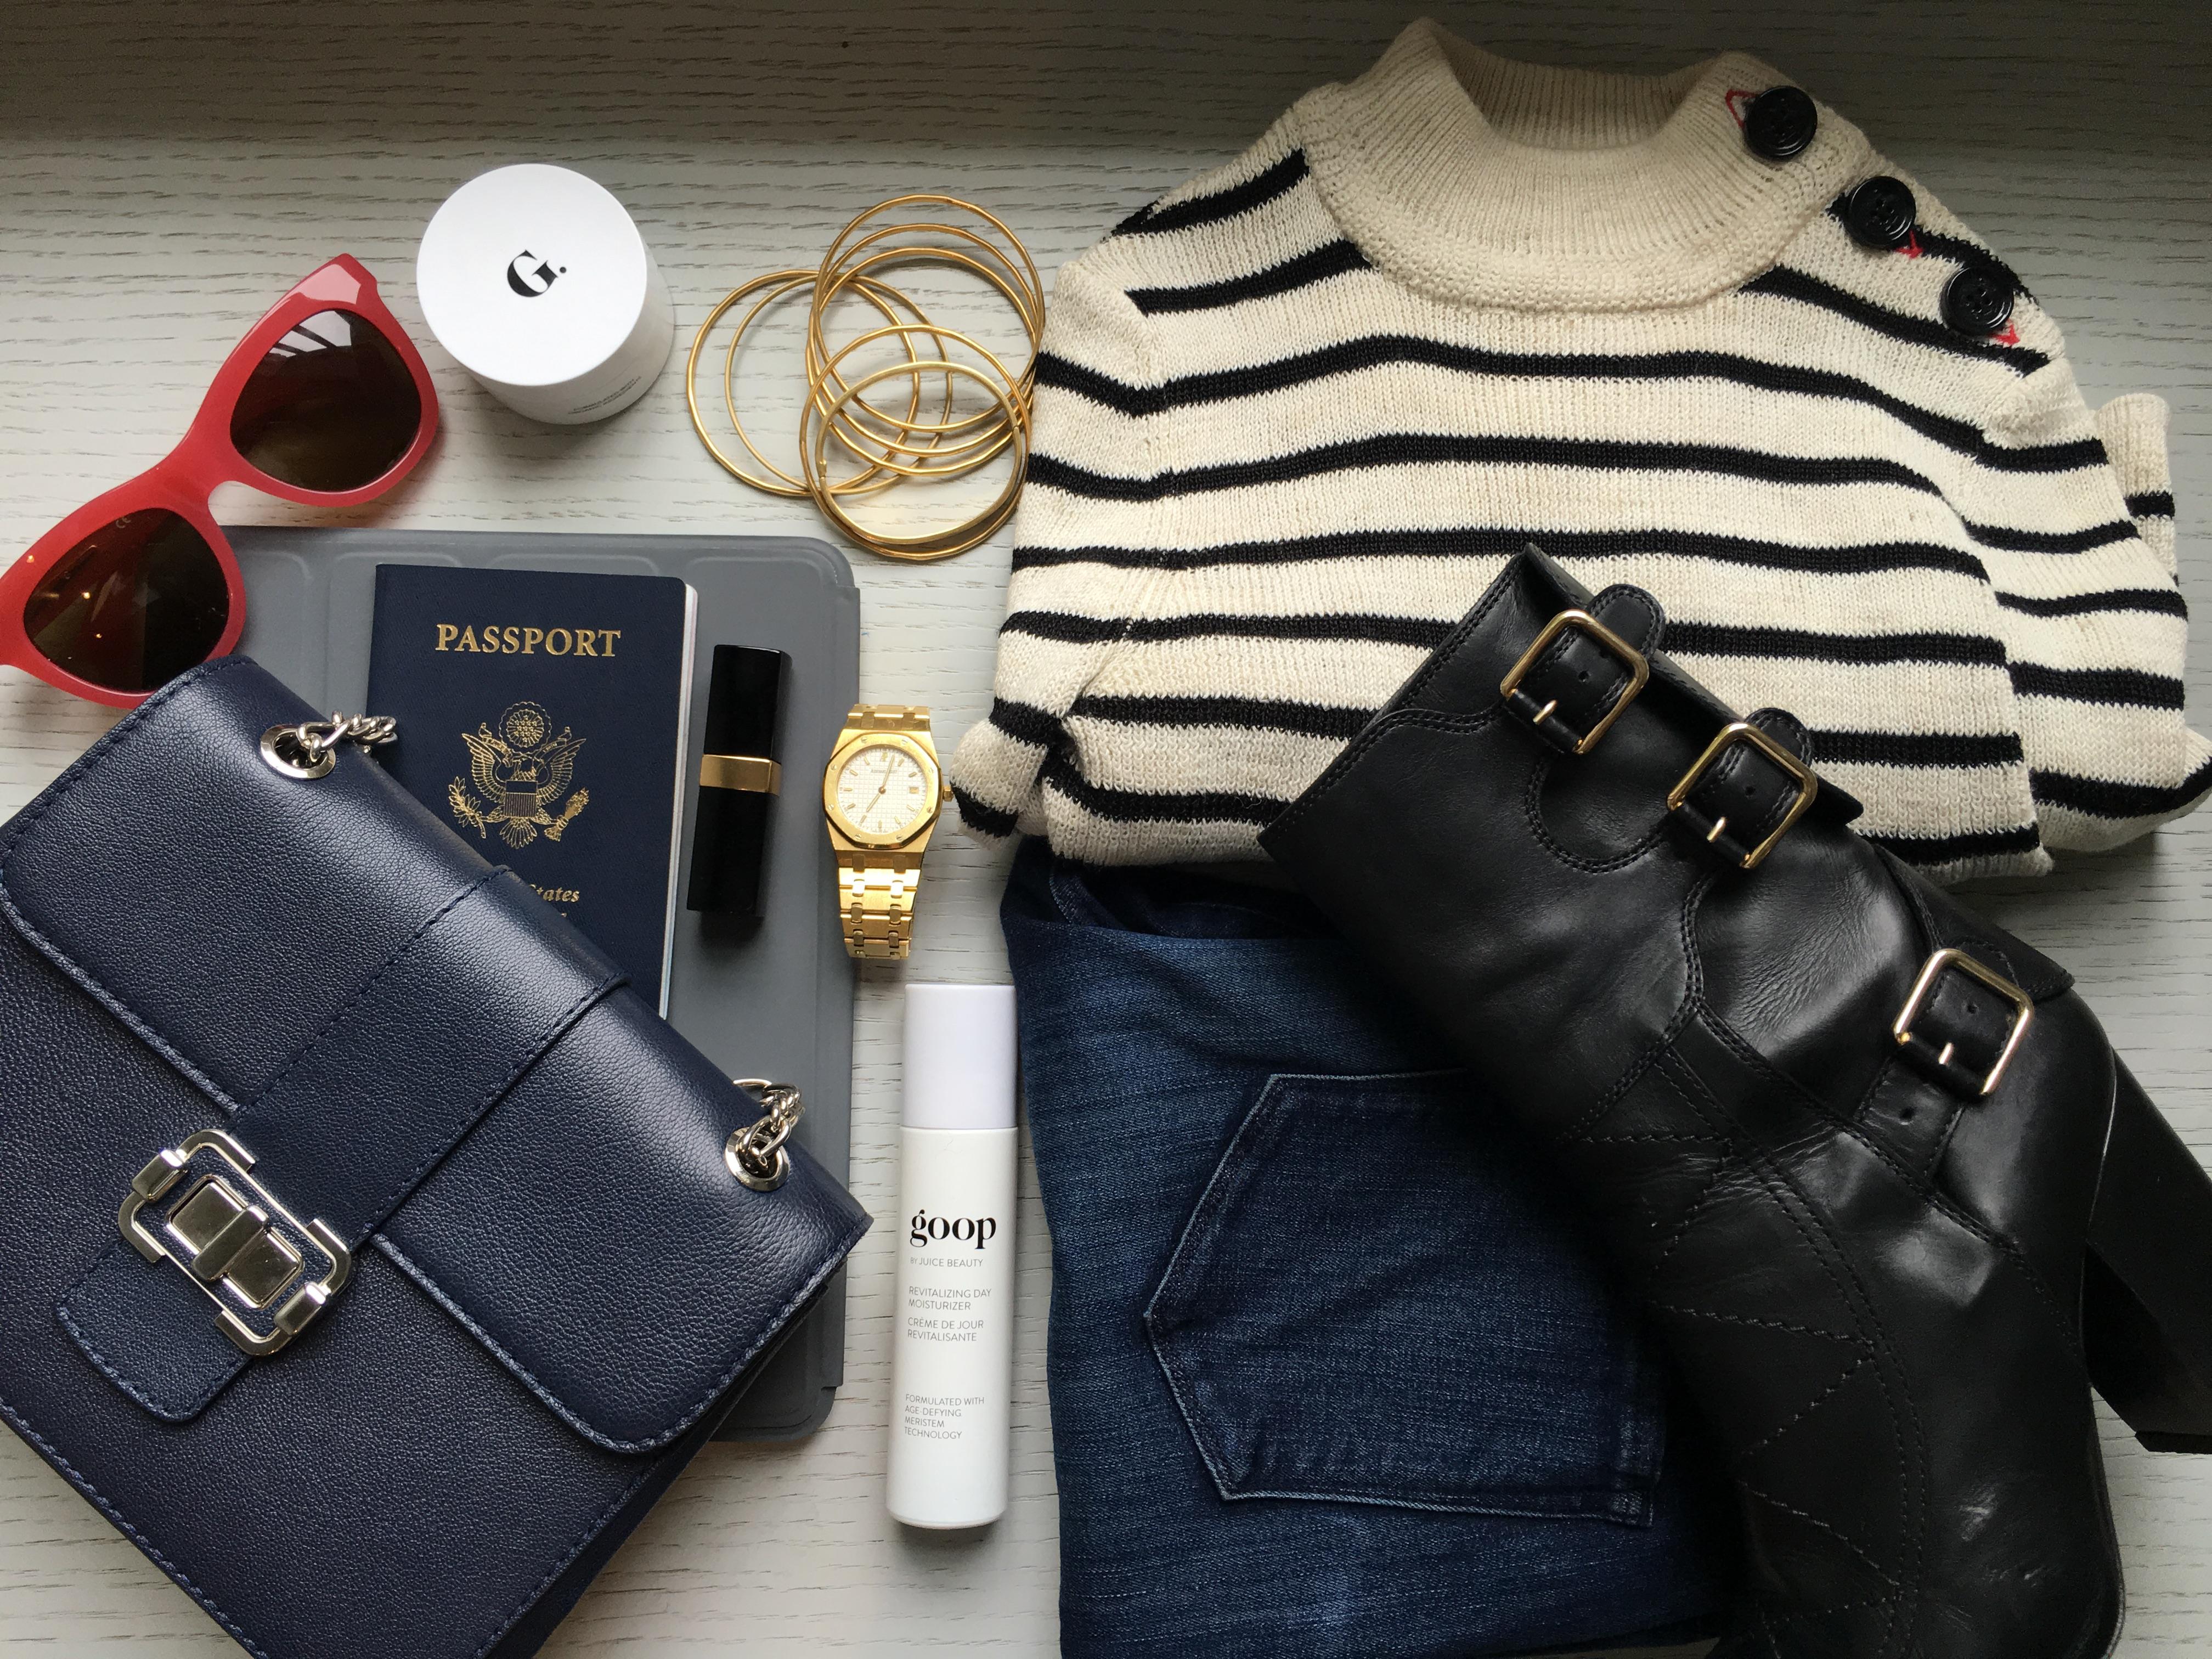 Monique Lhuillier's travel essentials